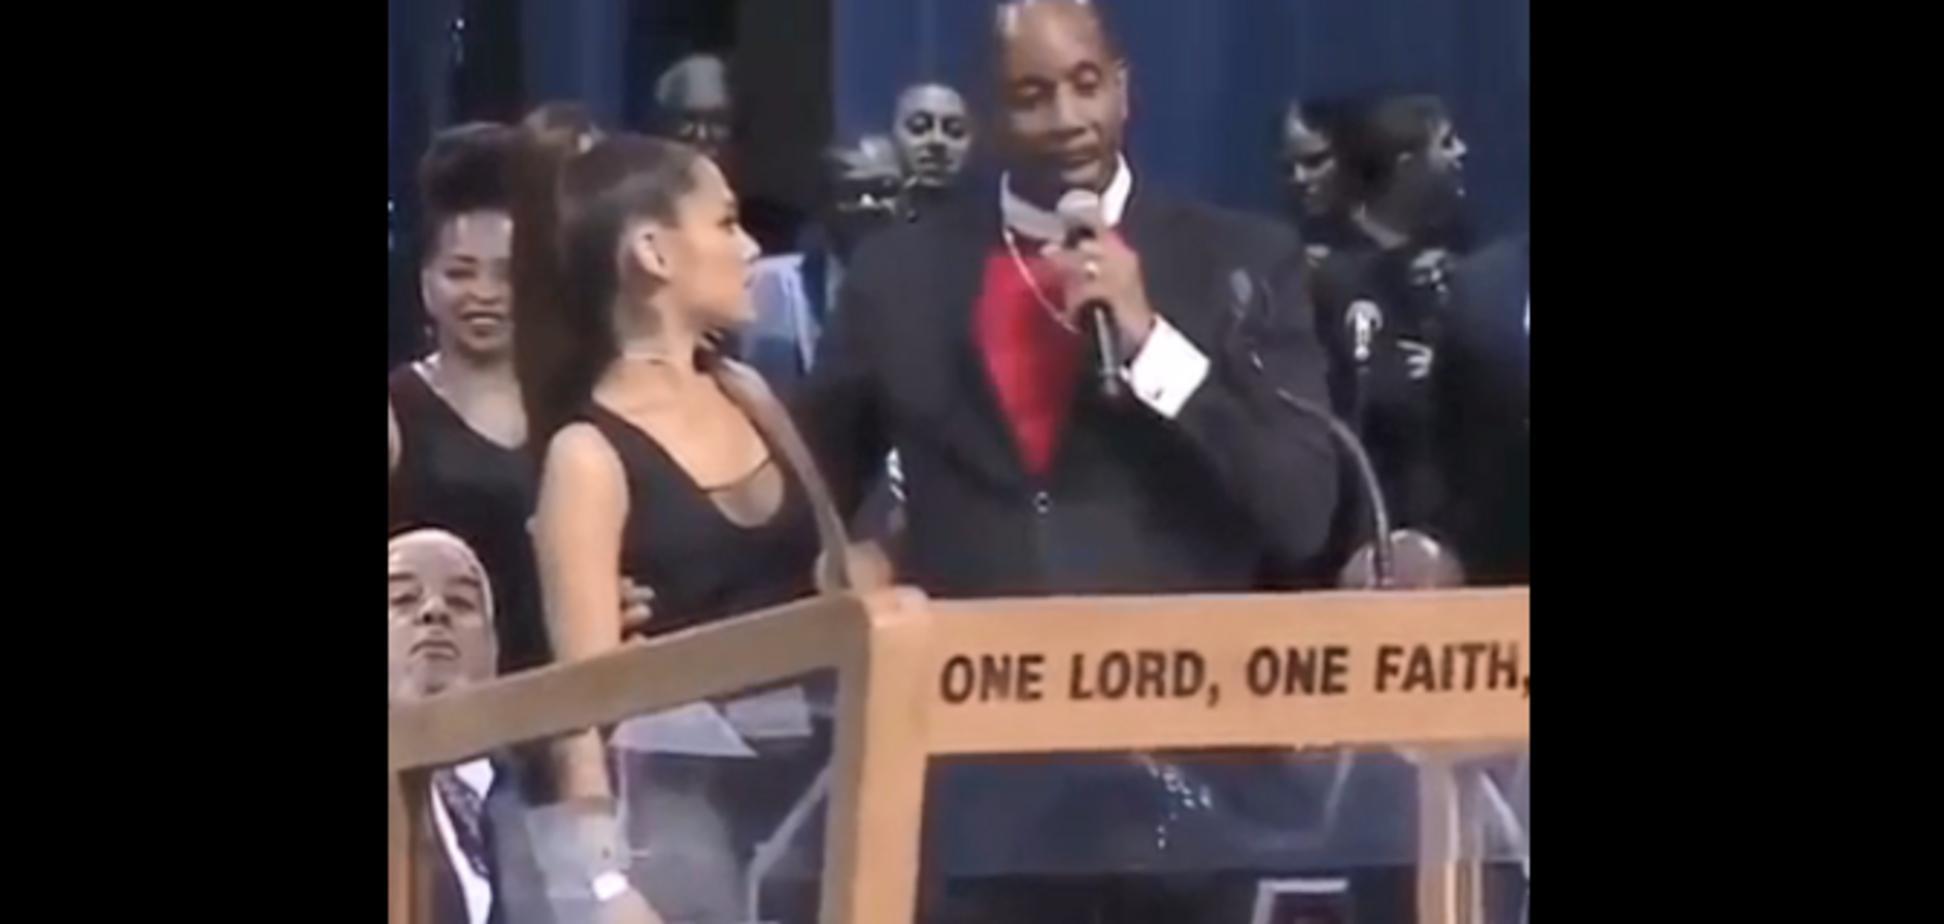 Американскую звезду на похоронах домогался священник: опубликовано скандальное видео